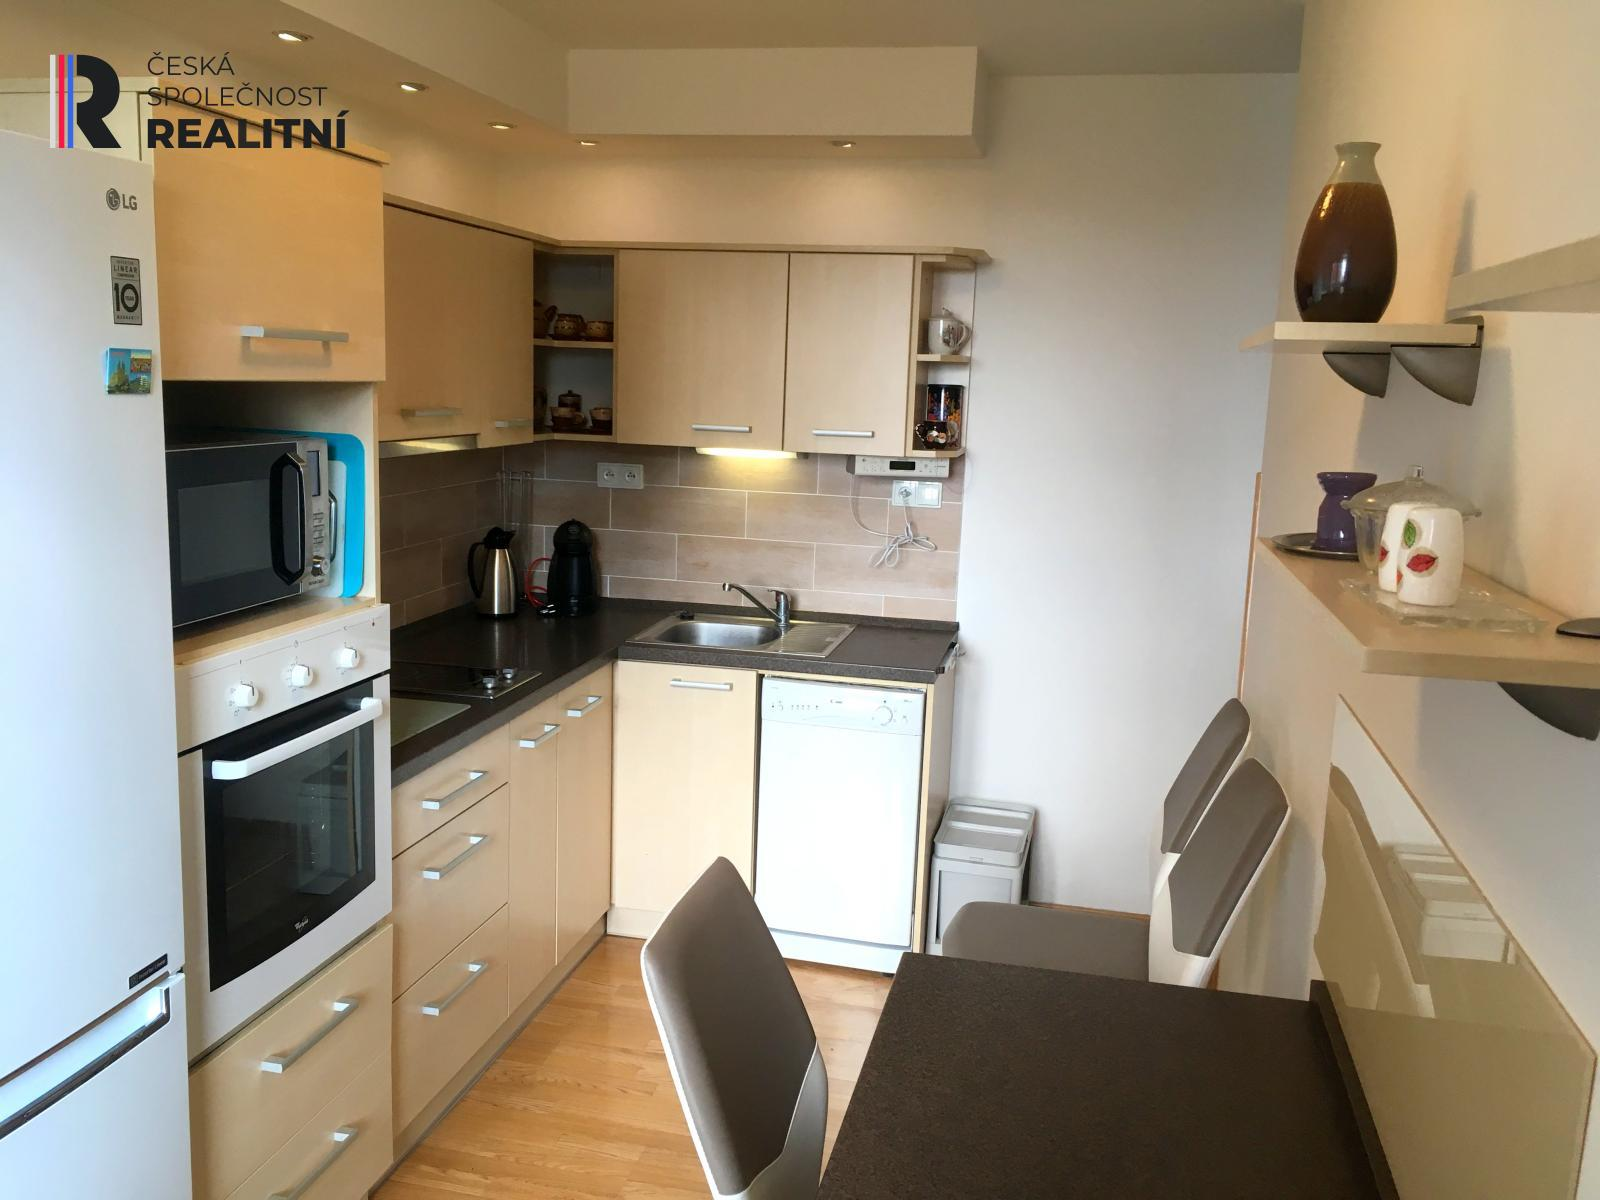 Pronájem bytu 2+kk, 31 m2, Valtická, Brno Vinohrady